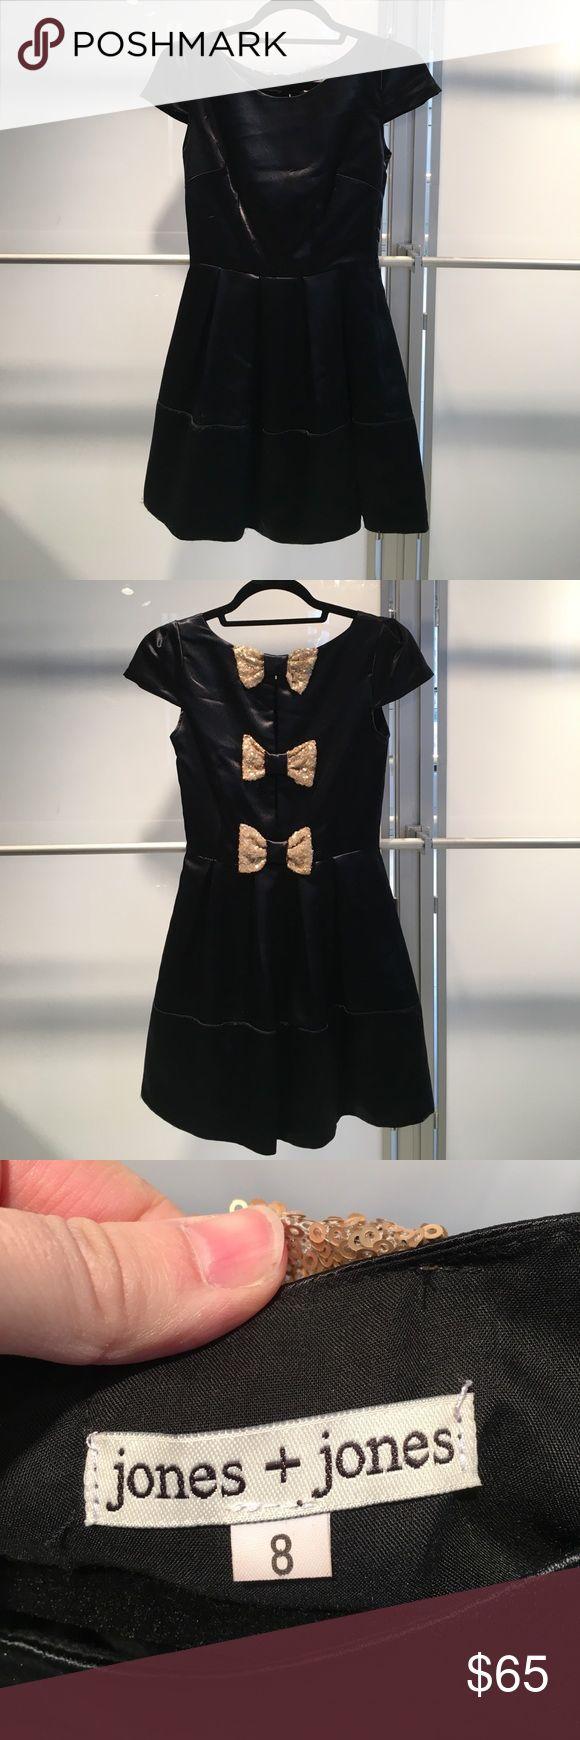 Jones and Jones black dress w/ gold bows down back Jones and Jones black dress w/ gold bows. U.K. Size 8. Fits like US size 2 Jones + Jones Dresses Mini